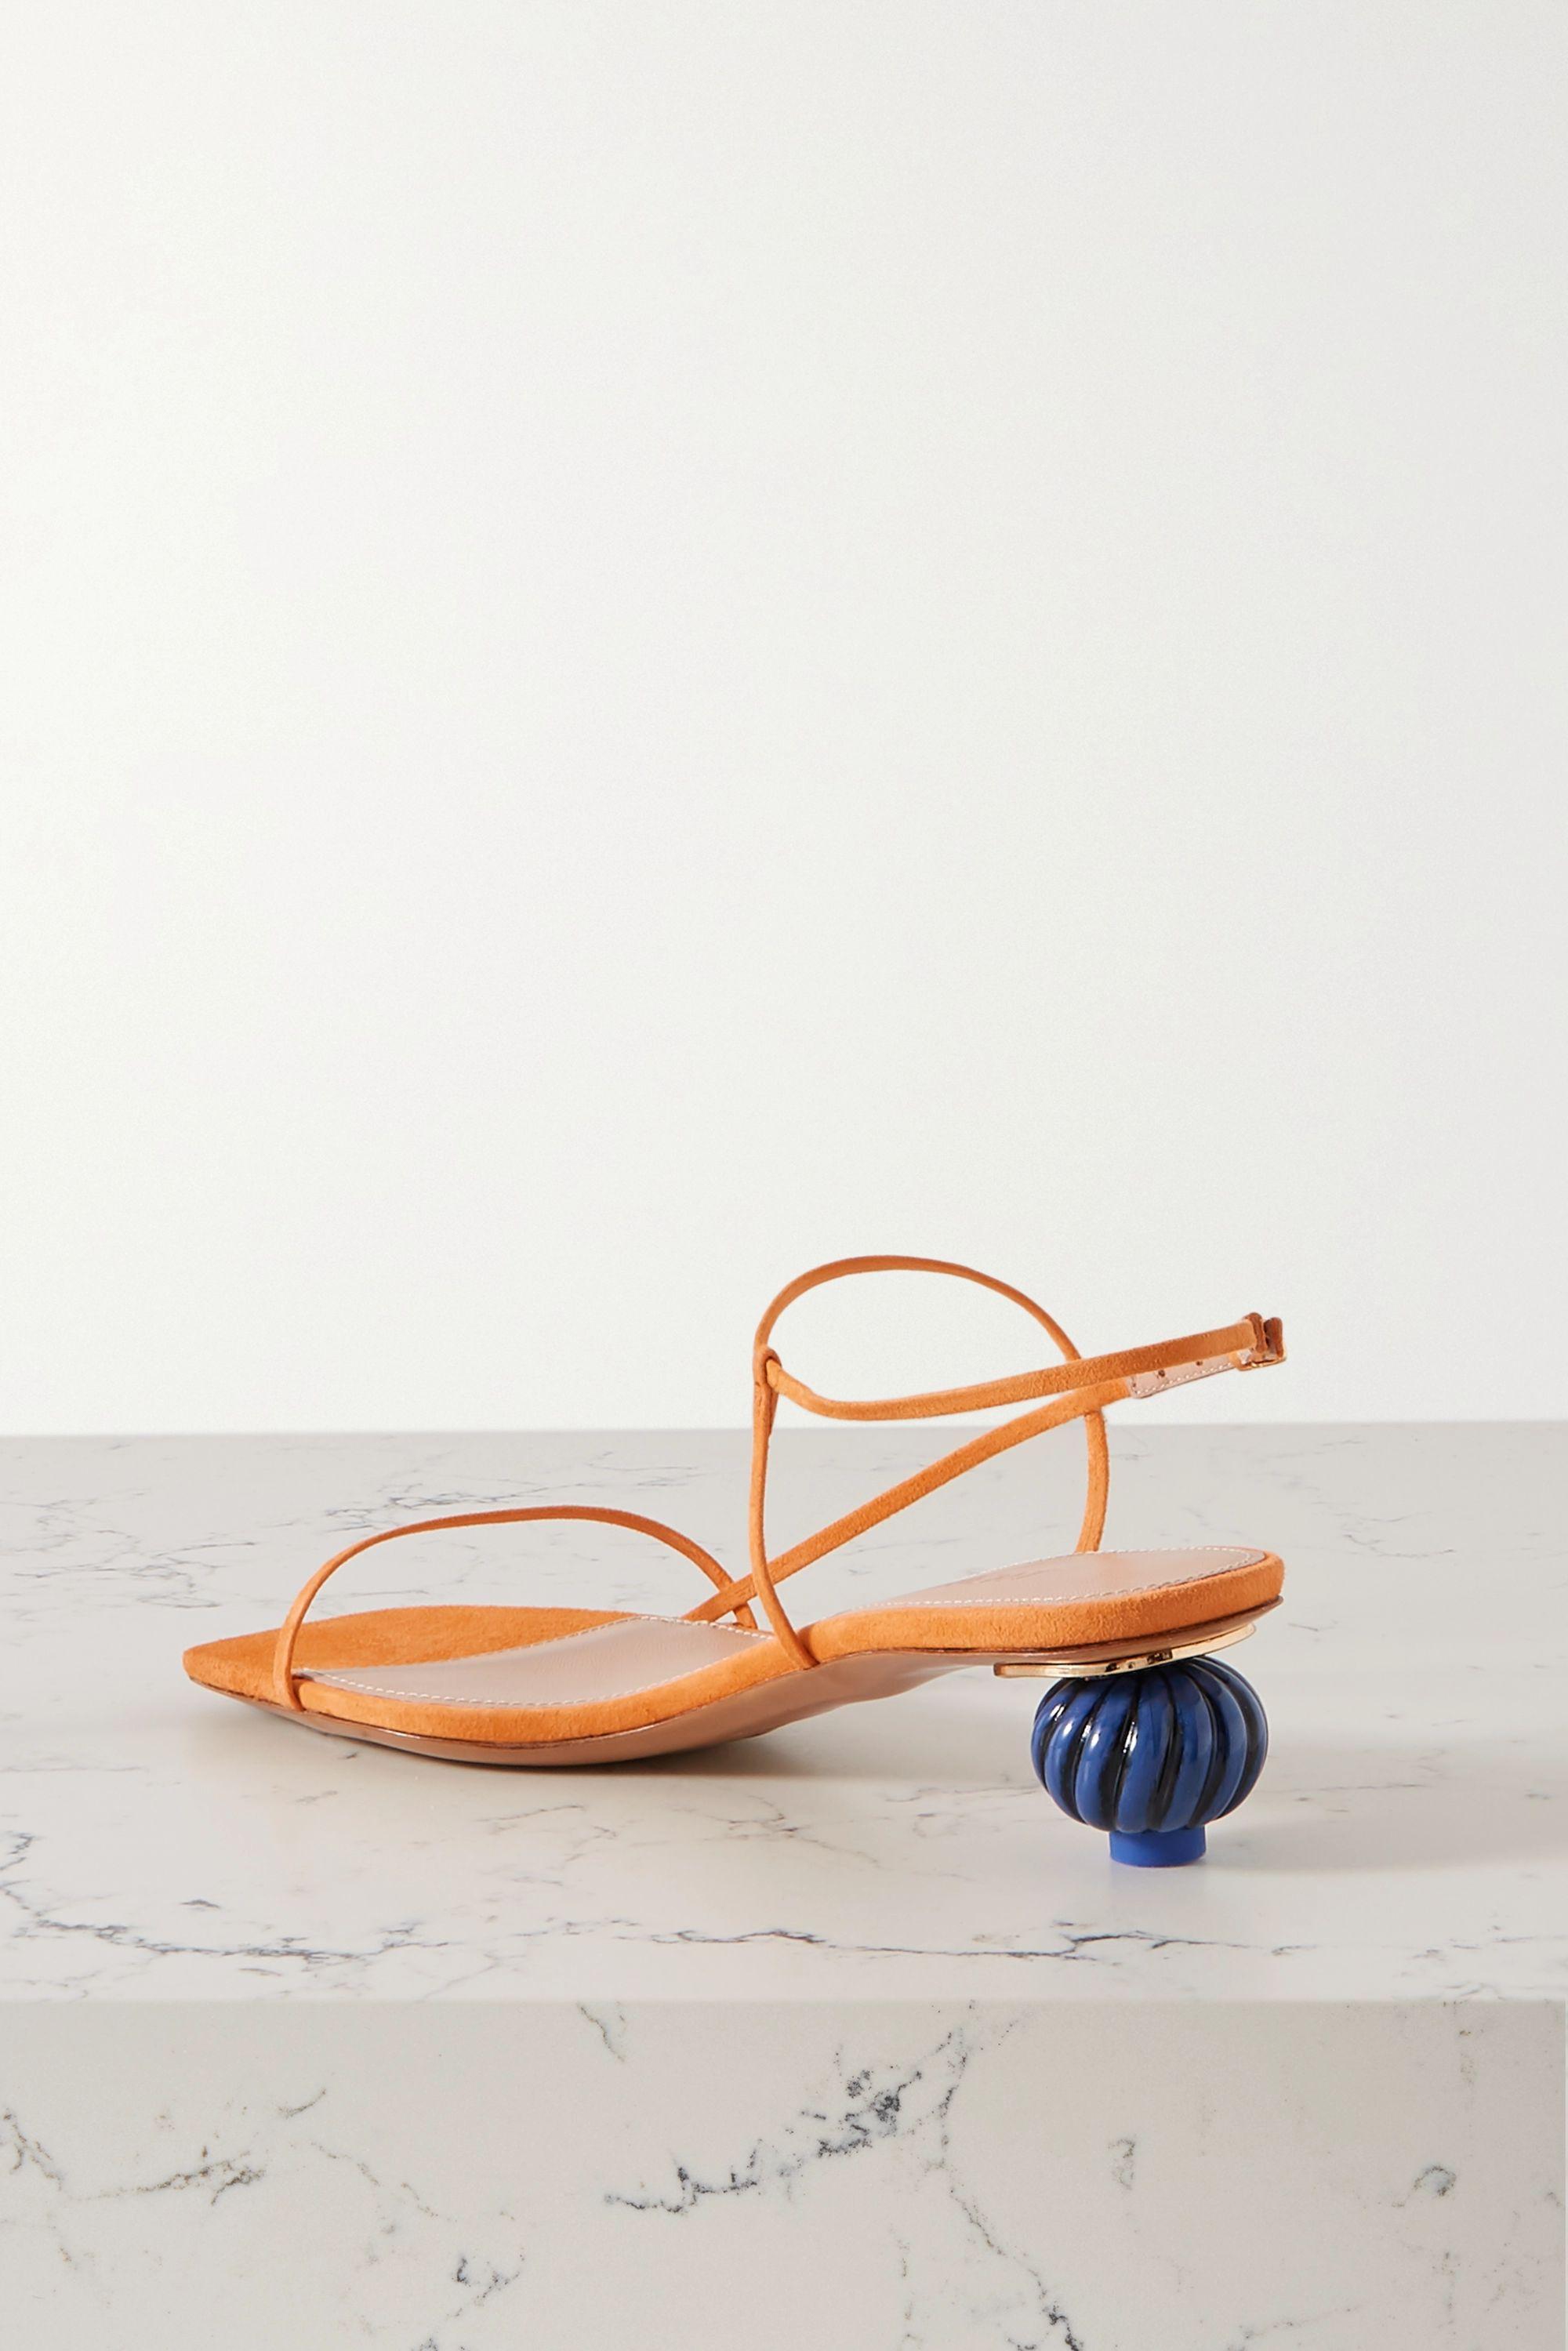 Jacquemus Manosque two-tone suede sandals